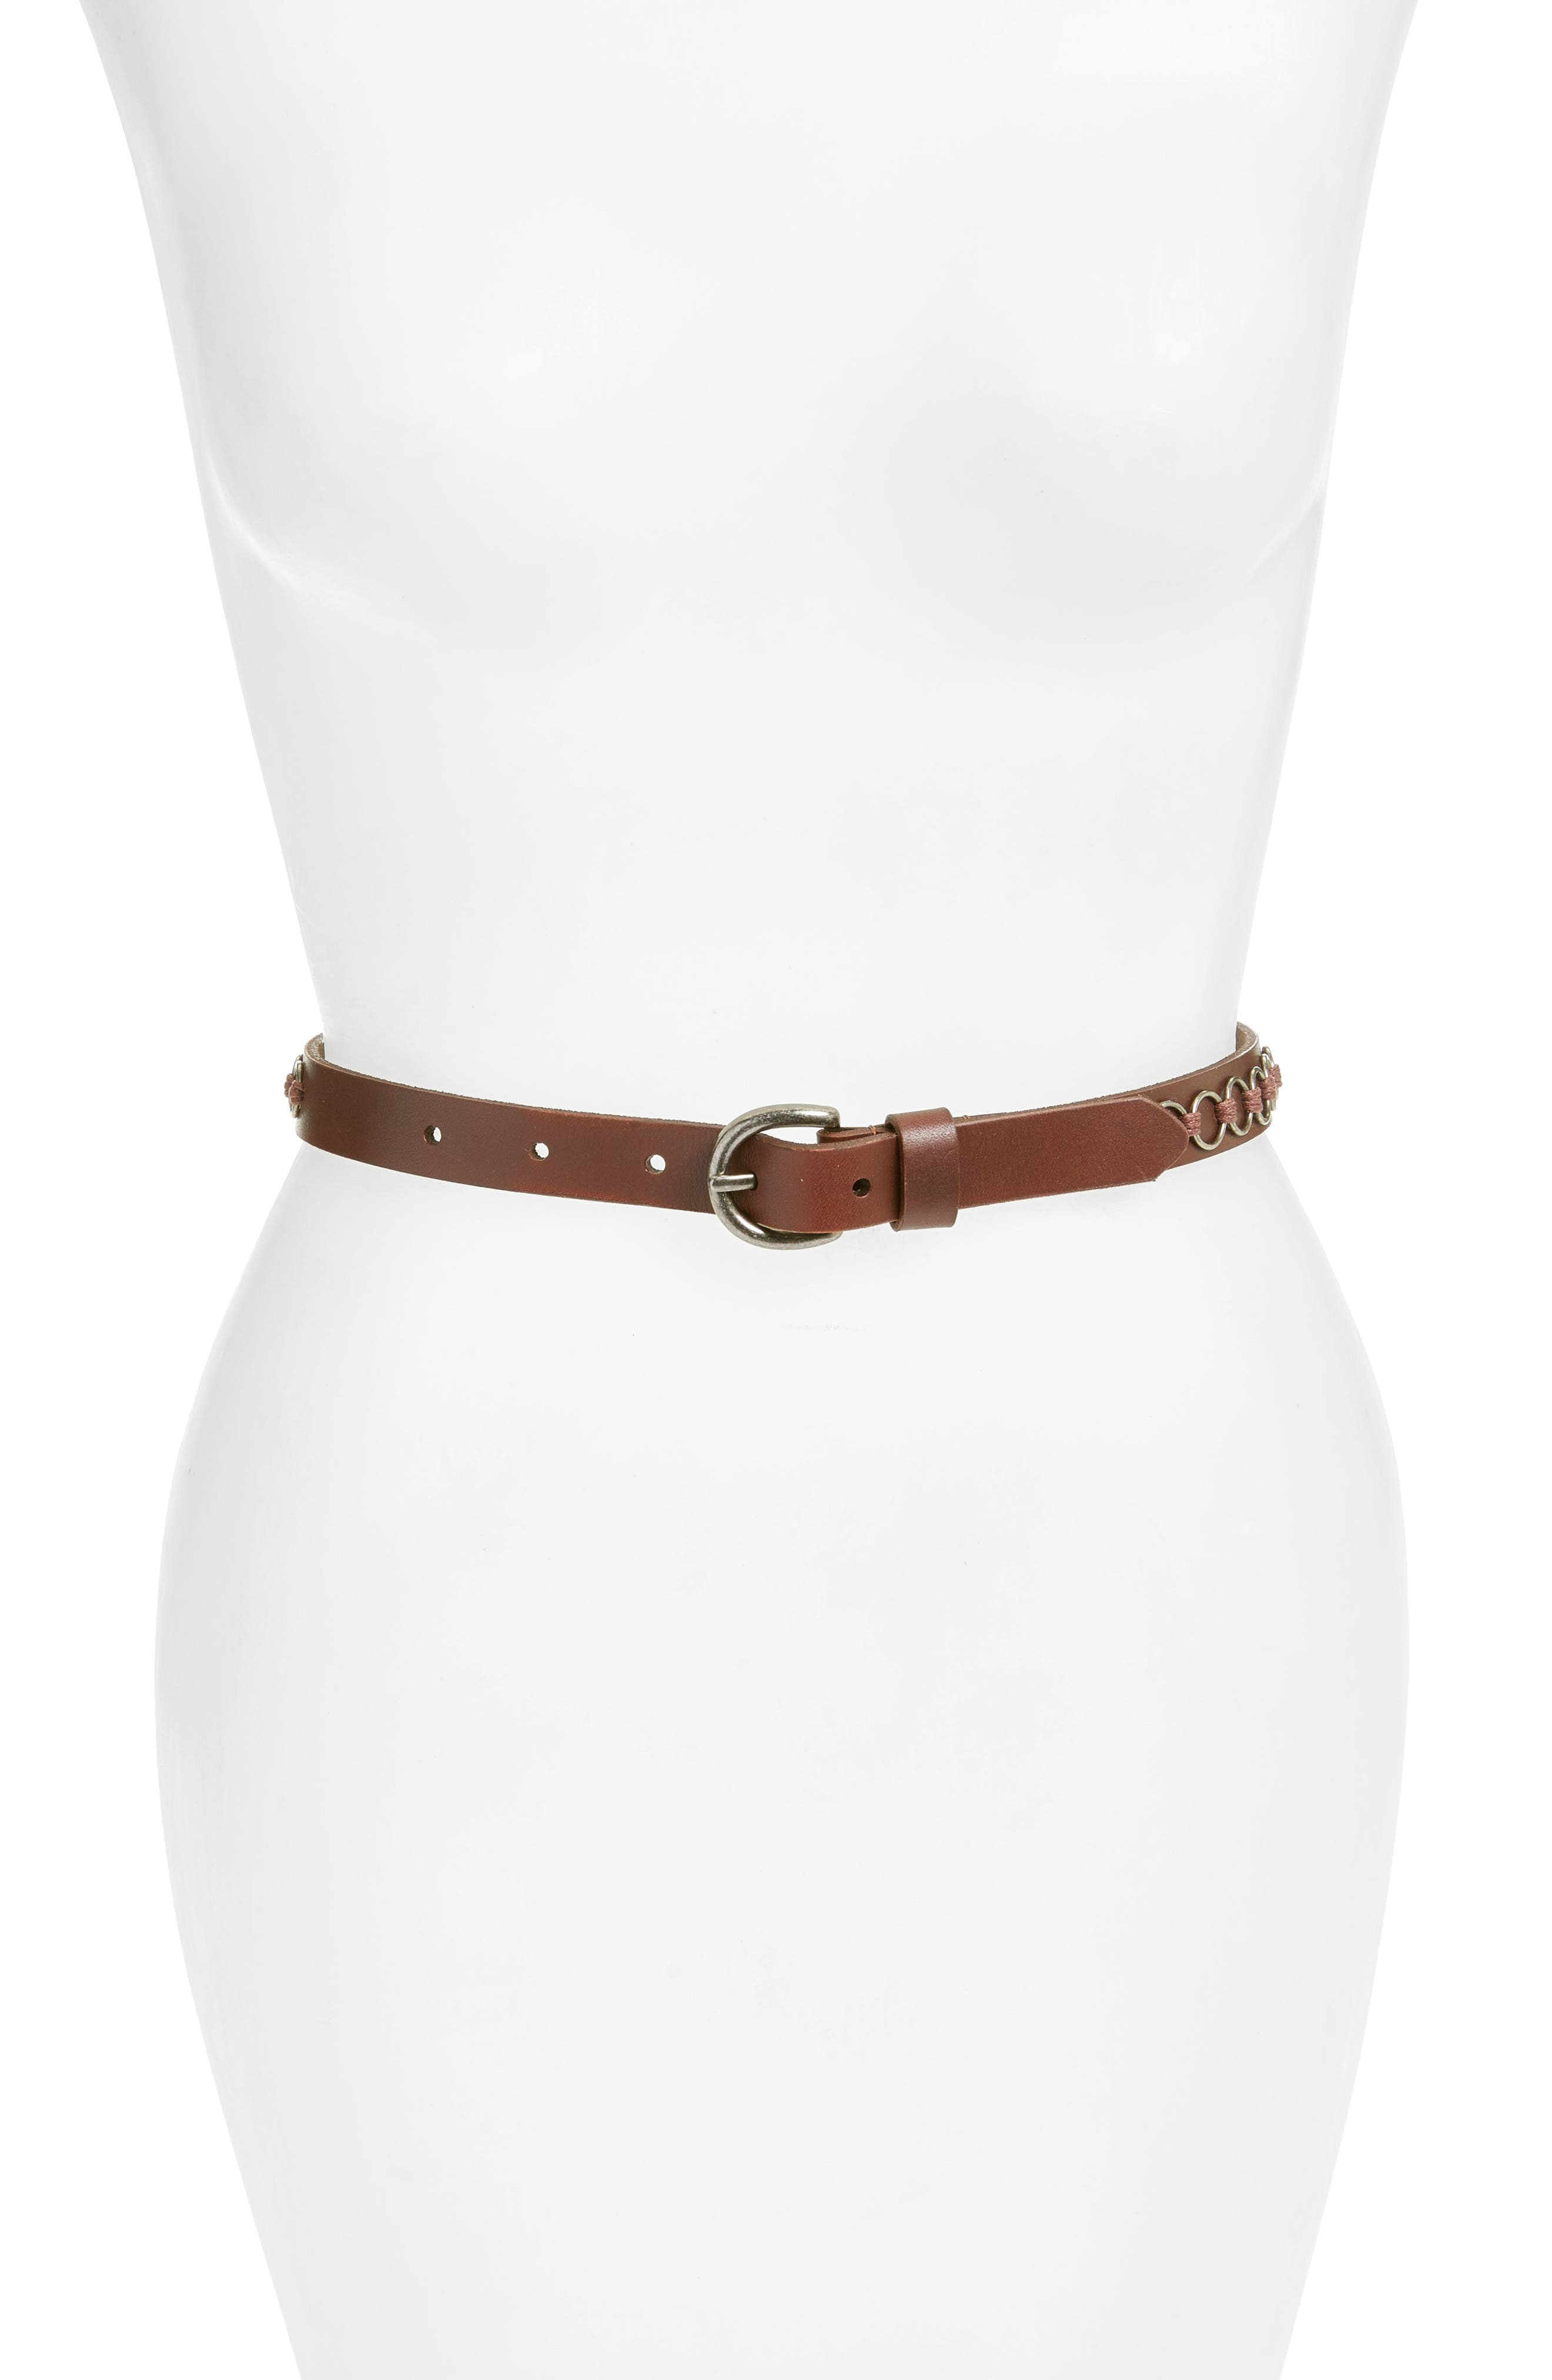 LODIS Leather Belt,                         Main,                         color, 200